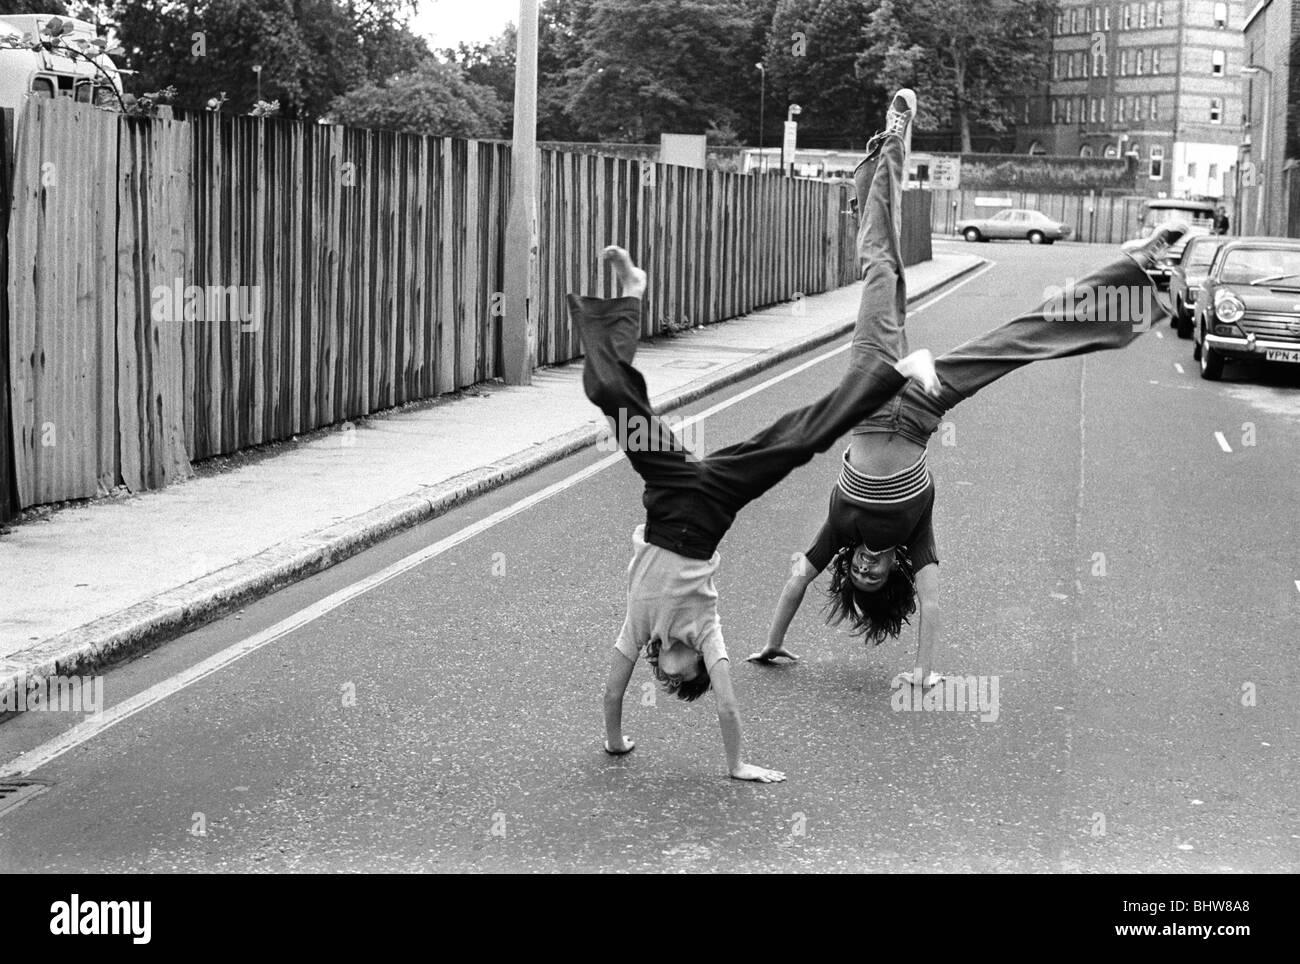 Las adolescentes jugando girando volteretas laterales en la calle. Elephant and Castle South London 1970 UK 1975 Imagen De Stock